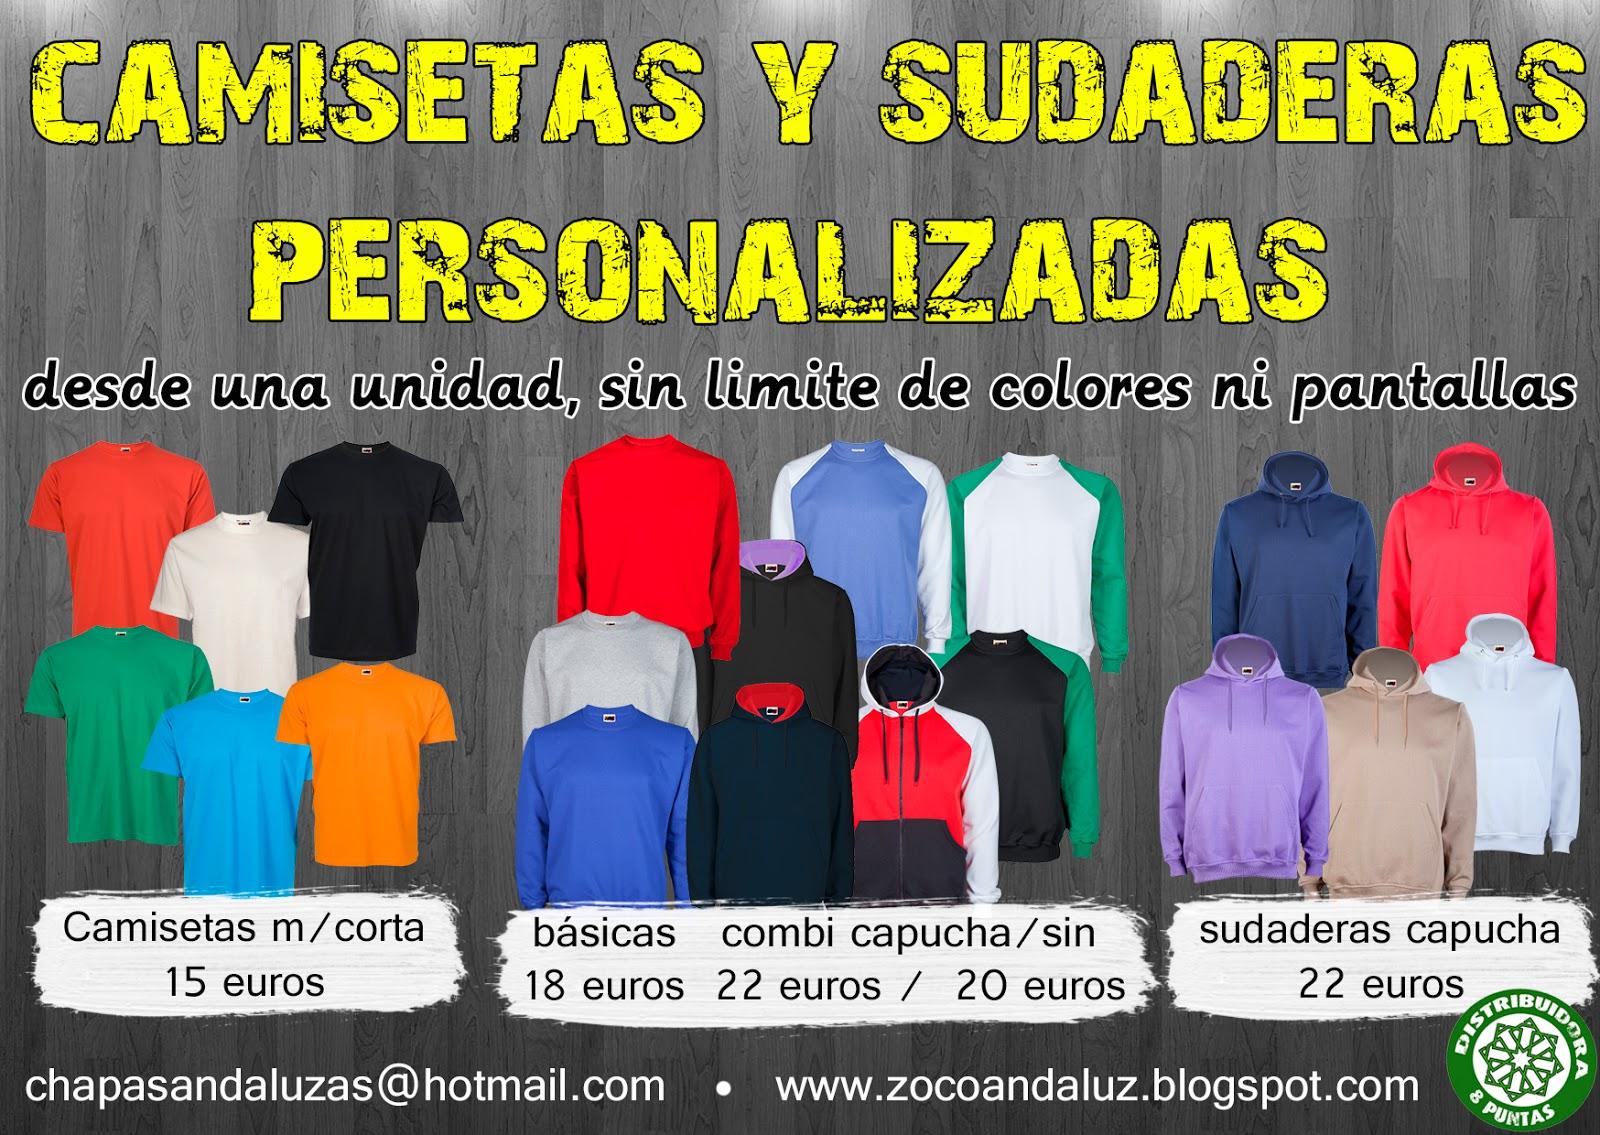 d3a283a6f42 Camisetas y sudaderas personalizadas, desde una unidad y sin límite de  colores ni pantallas